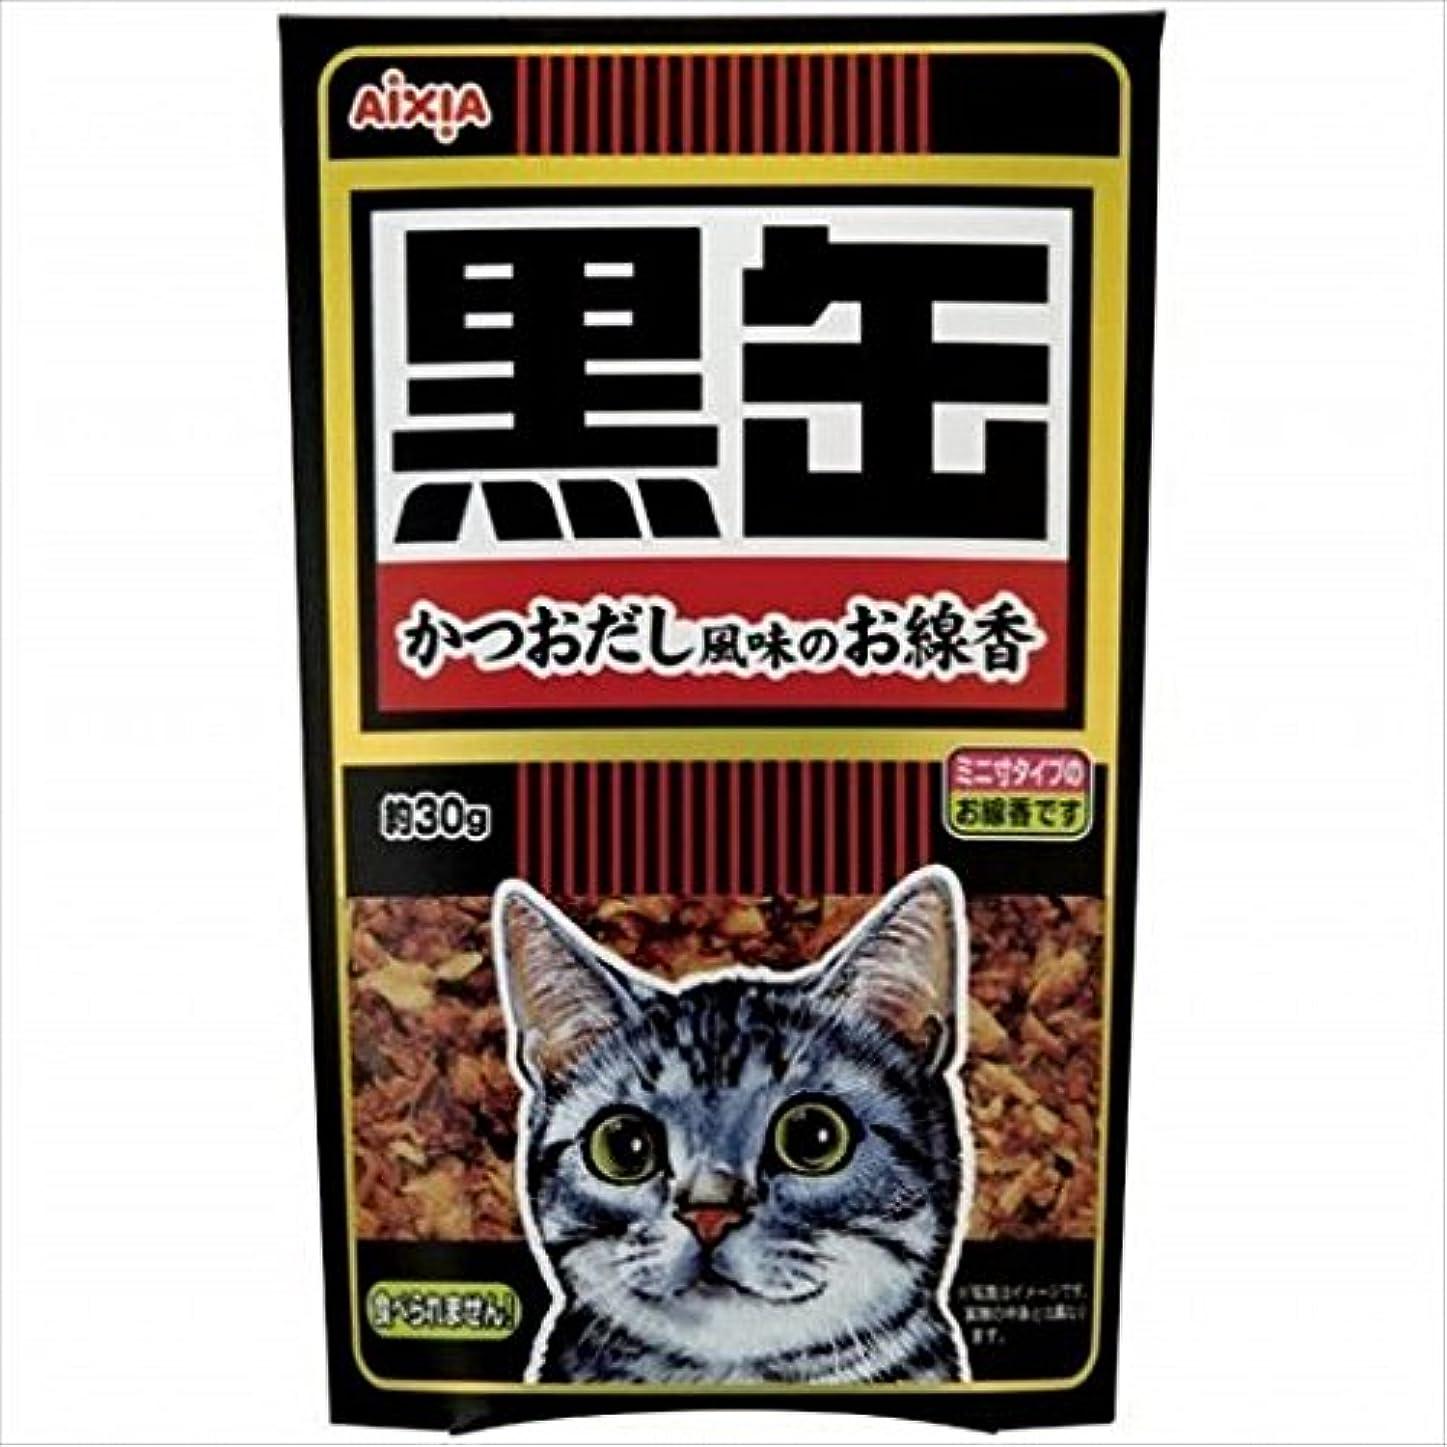 汚染された絵手を差し伸べるkameyama candle(カメヤマキャンドル) 黒缶 線香 (23040000)